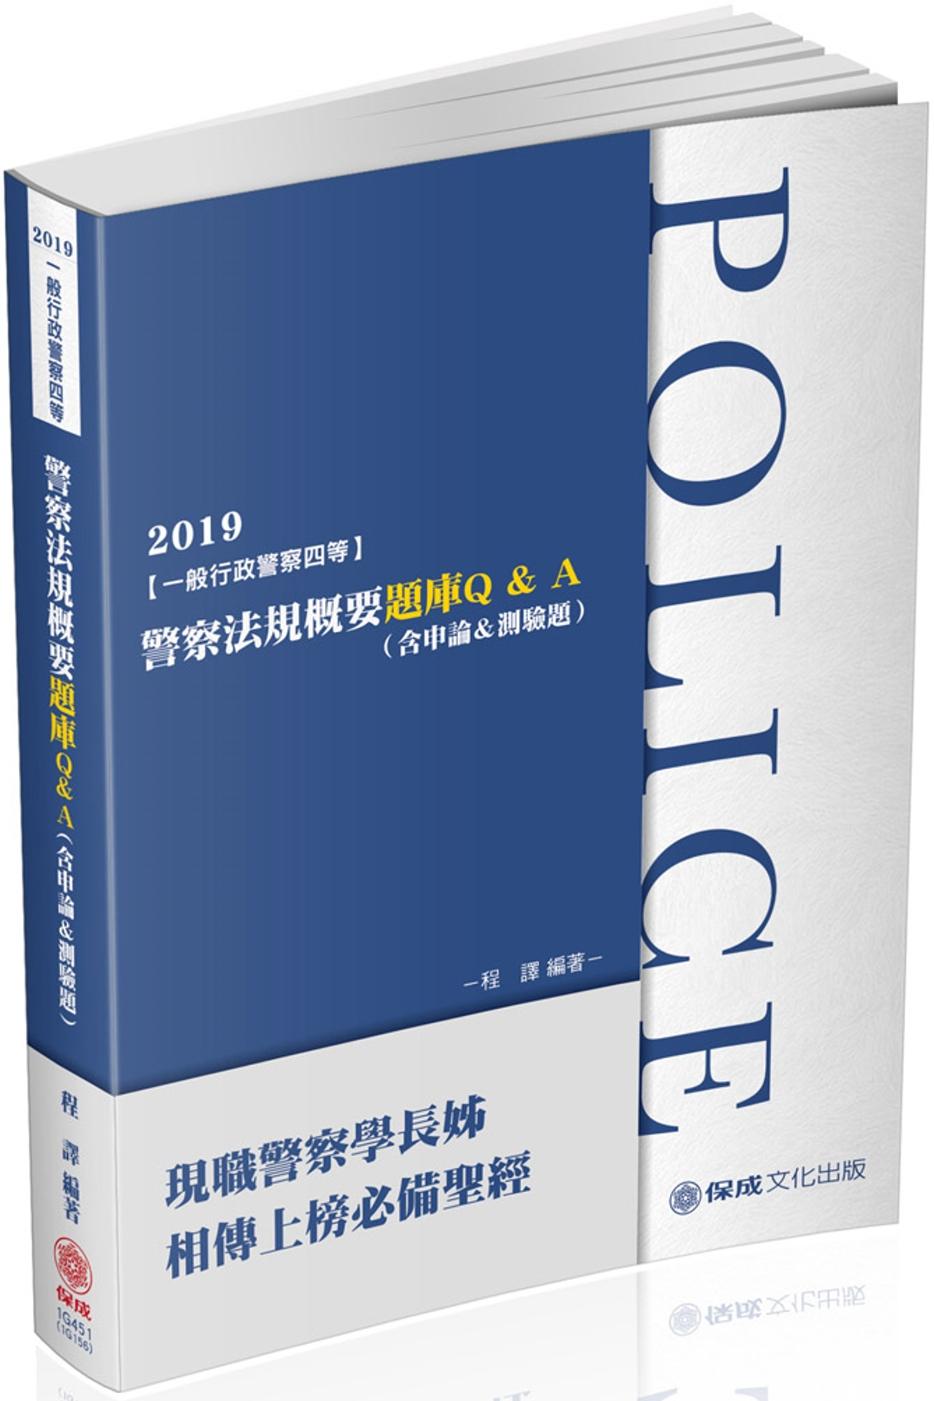 警察法規概要題庫Q&A;(含申論&測驗題):2019一般行政警察(保成)